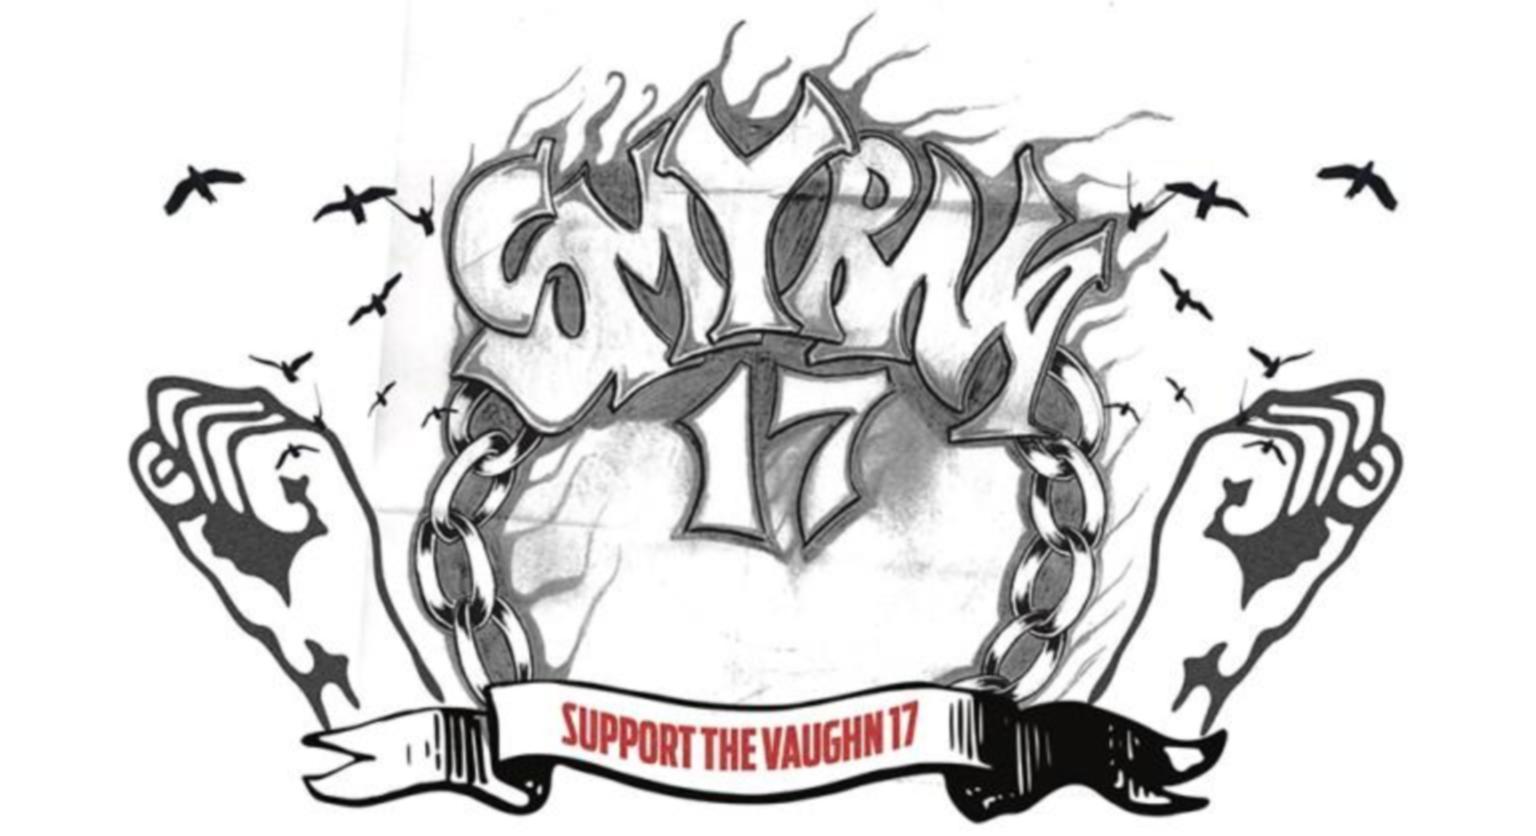 smyrna-vaughn-17.jpg